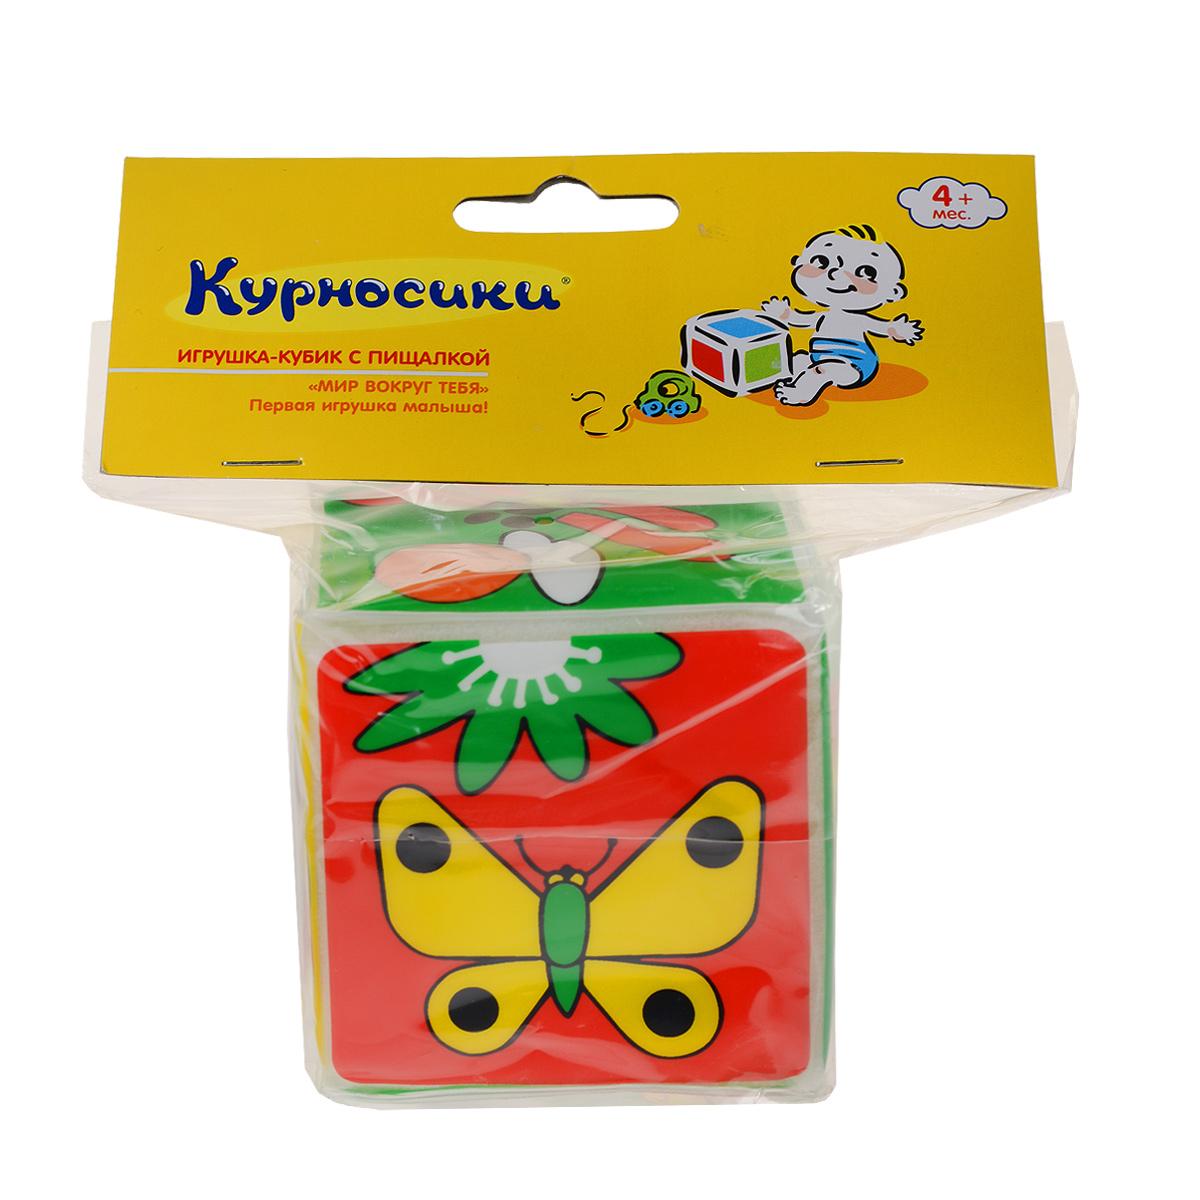 Игрушка-кубик Курносики Мир вокруг тебя. Насекомые, с пищалкой27076_насекомыеЯркая игрушка-кубик Курносики Мир вокруг тебя. Насекомые заинтересует вашего малыша и не позволит ему скучать. Игрушка выполнена из мягкого безопасного для ребенка материала. На сторонах кубика изображены различные насекомые: божья коровка, пчелка, стрекоза и бабочка, а также лягушка и улитка. Внутри кубика спрятана пищалка. Малышу понравиться сжимать кубик, который будет издавать при этом негромкий звук. Игрушка-кубик поможет ребенку развить цветовое и звуковое восприятия, мелкую моторику рук и тактильные ощущения.